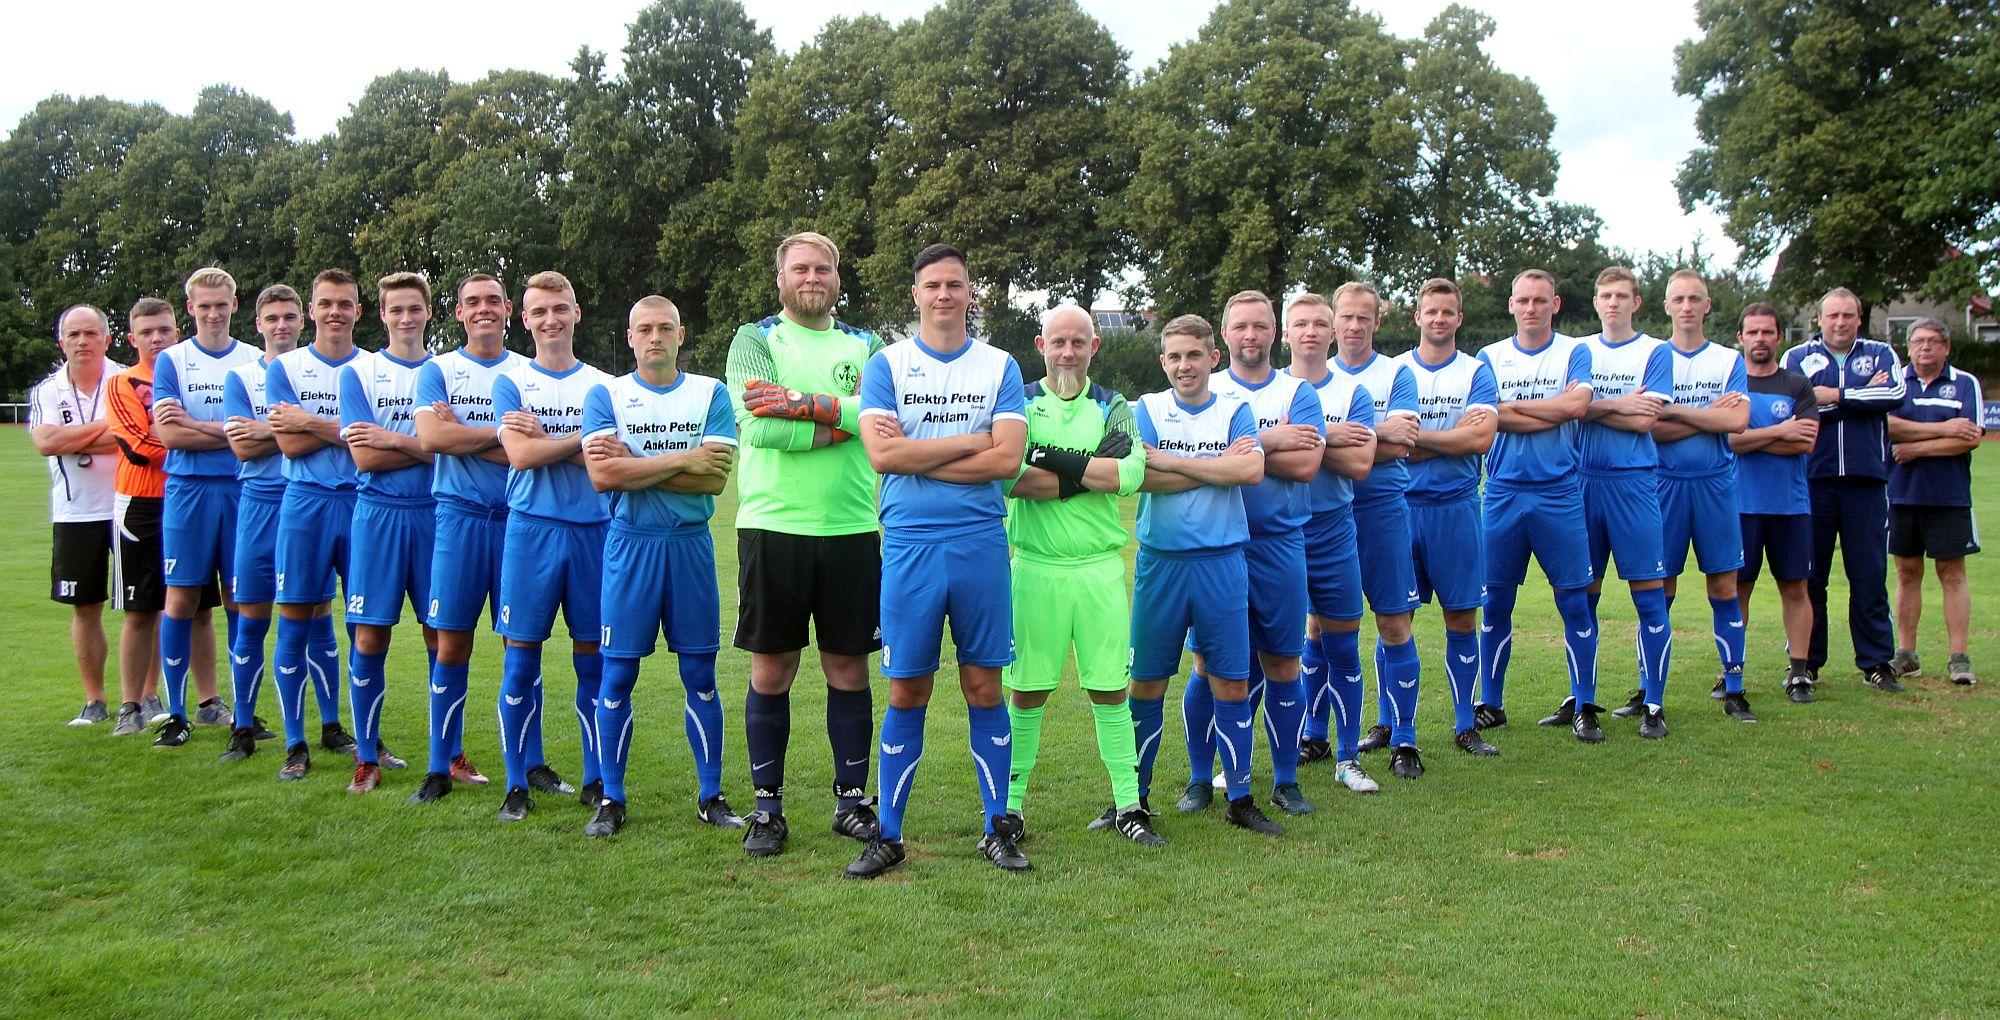 Landesliga-Team beendet die Hinrunde auf dem zweiten Tabellenplatz